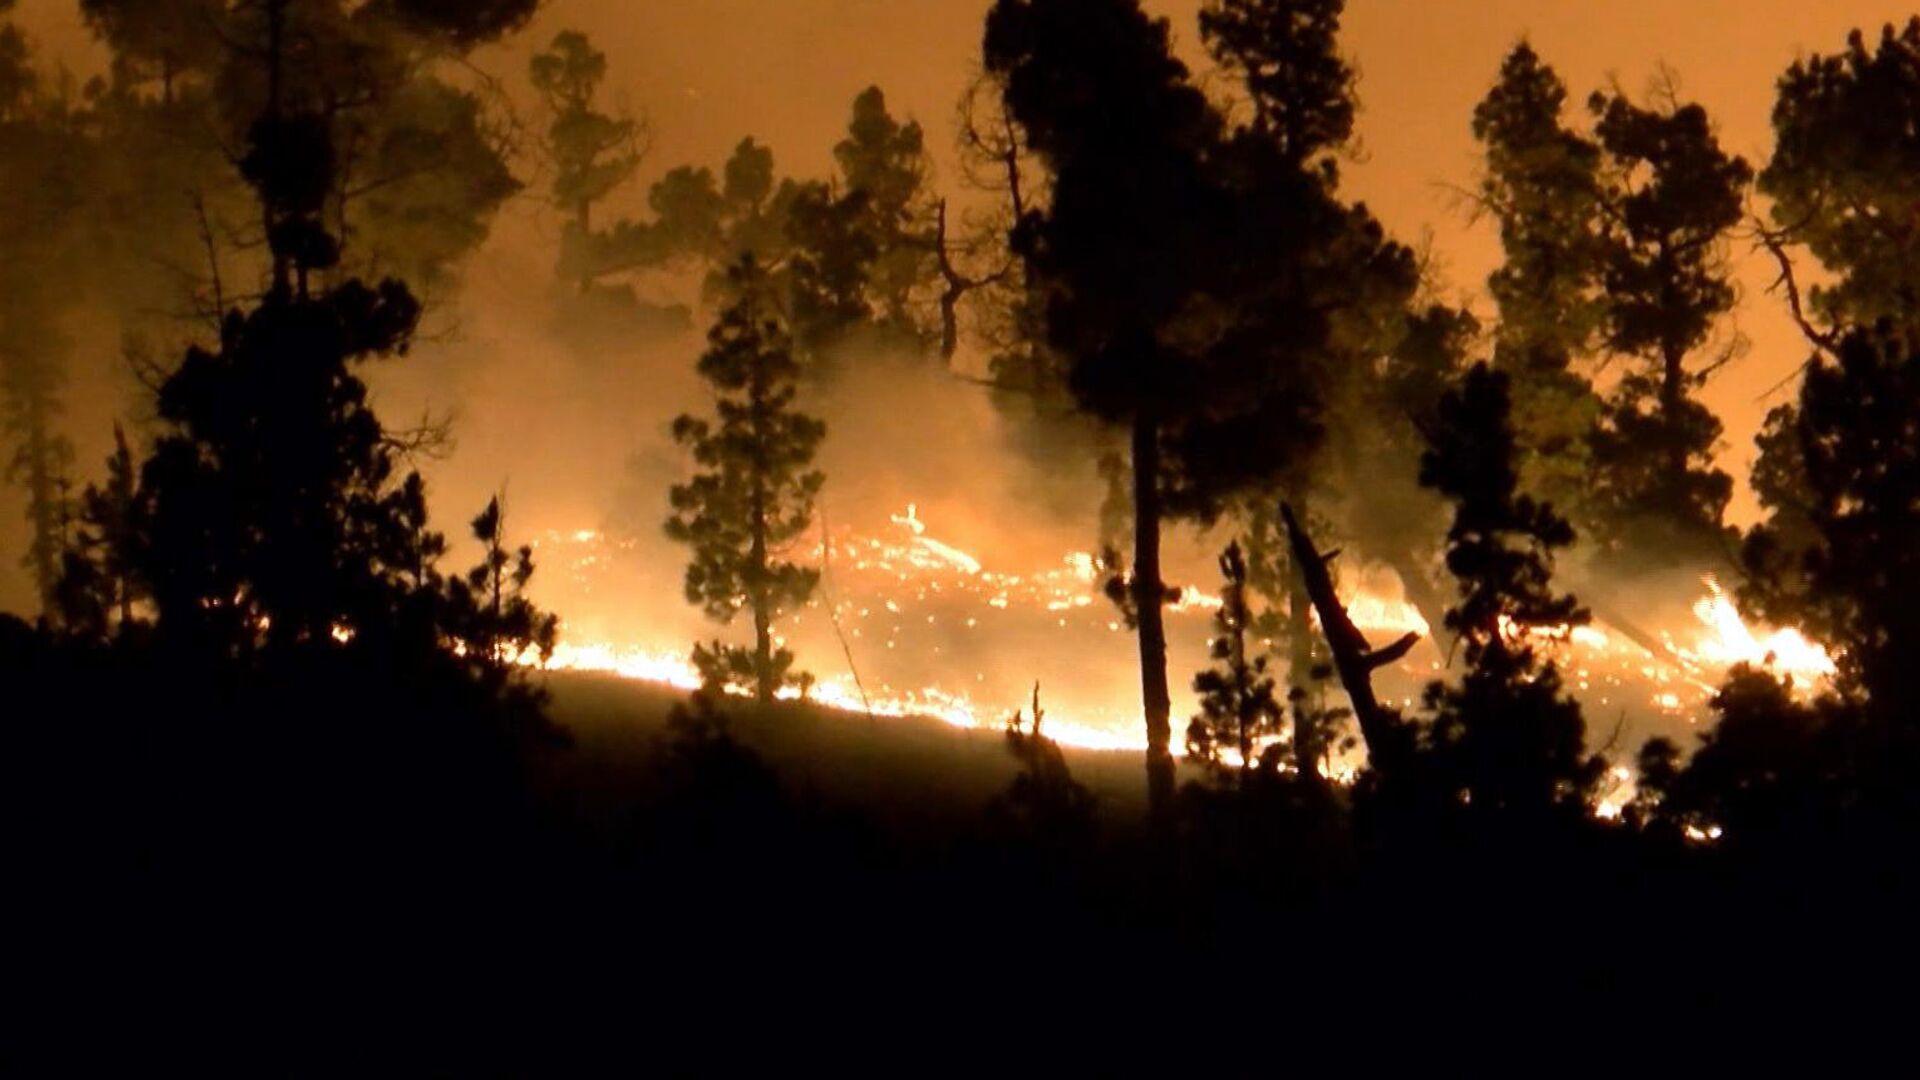 Incendio forestal (imagen referencial) - Sputnik Mundo, 1920, 28.07.2021